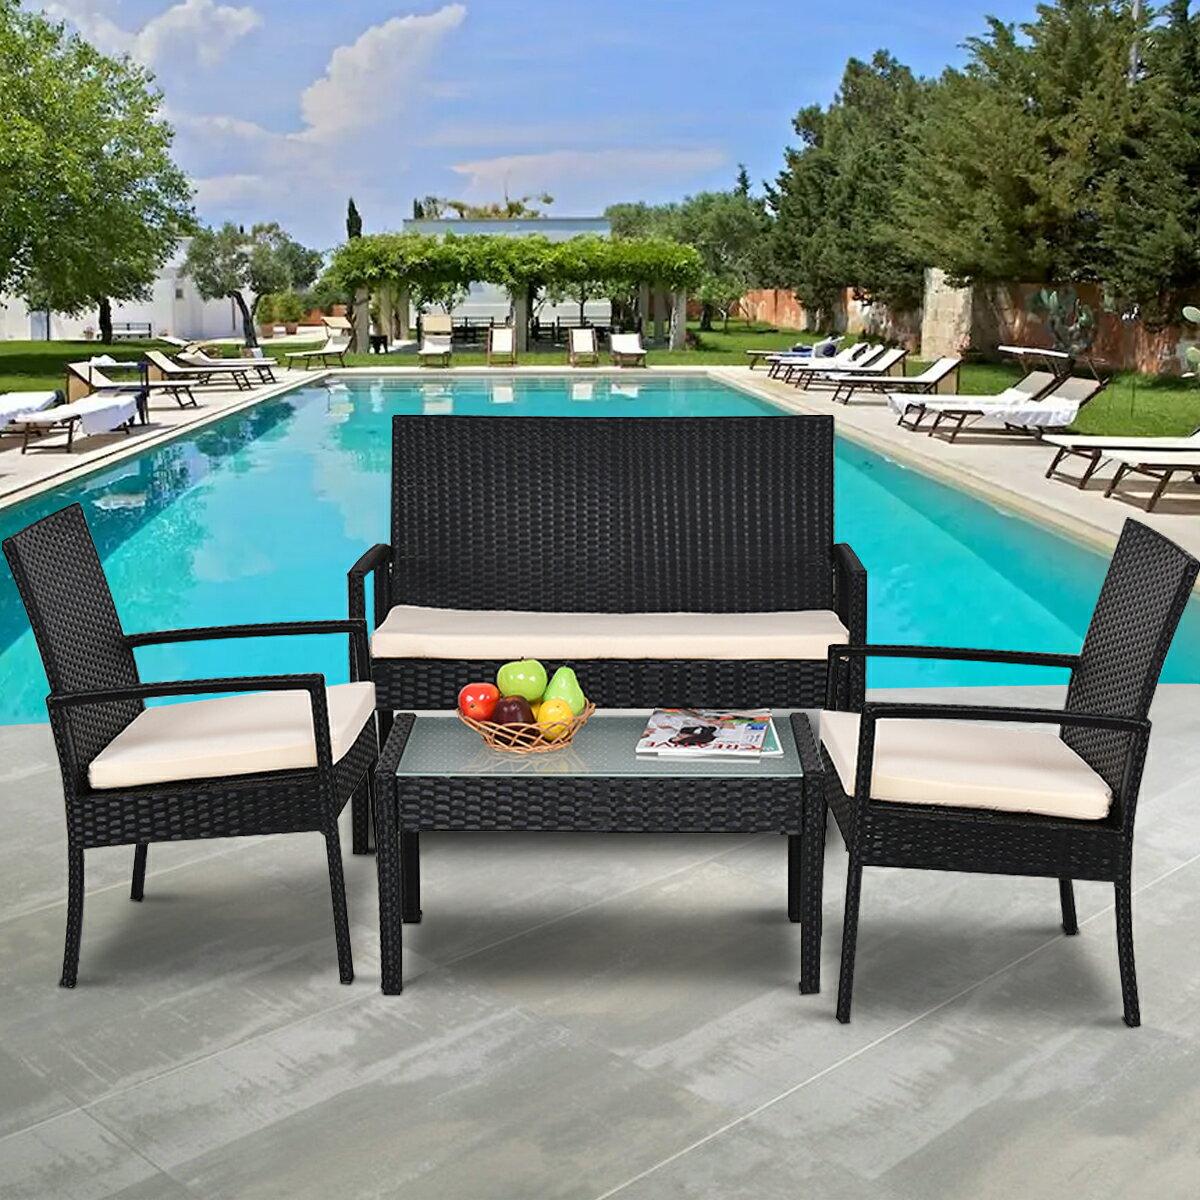 Costway   Rakuten: Costway 4 PCS Outdoor Patio Furniture Set Table ...